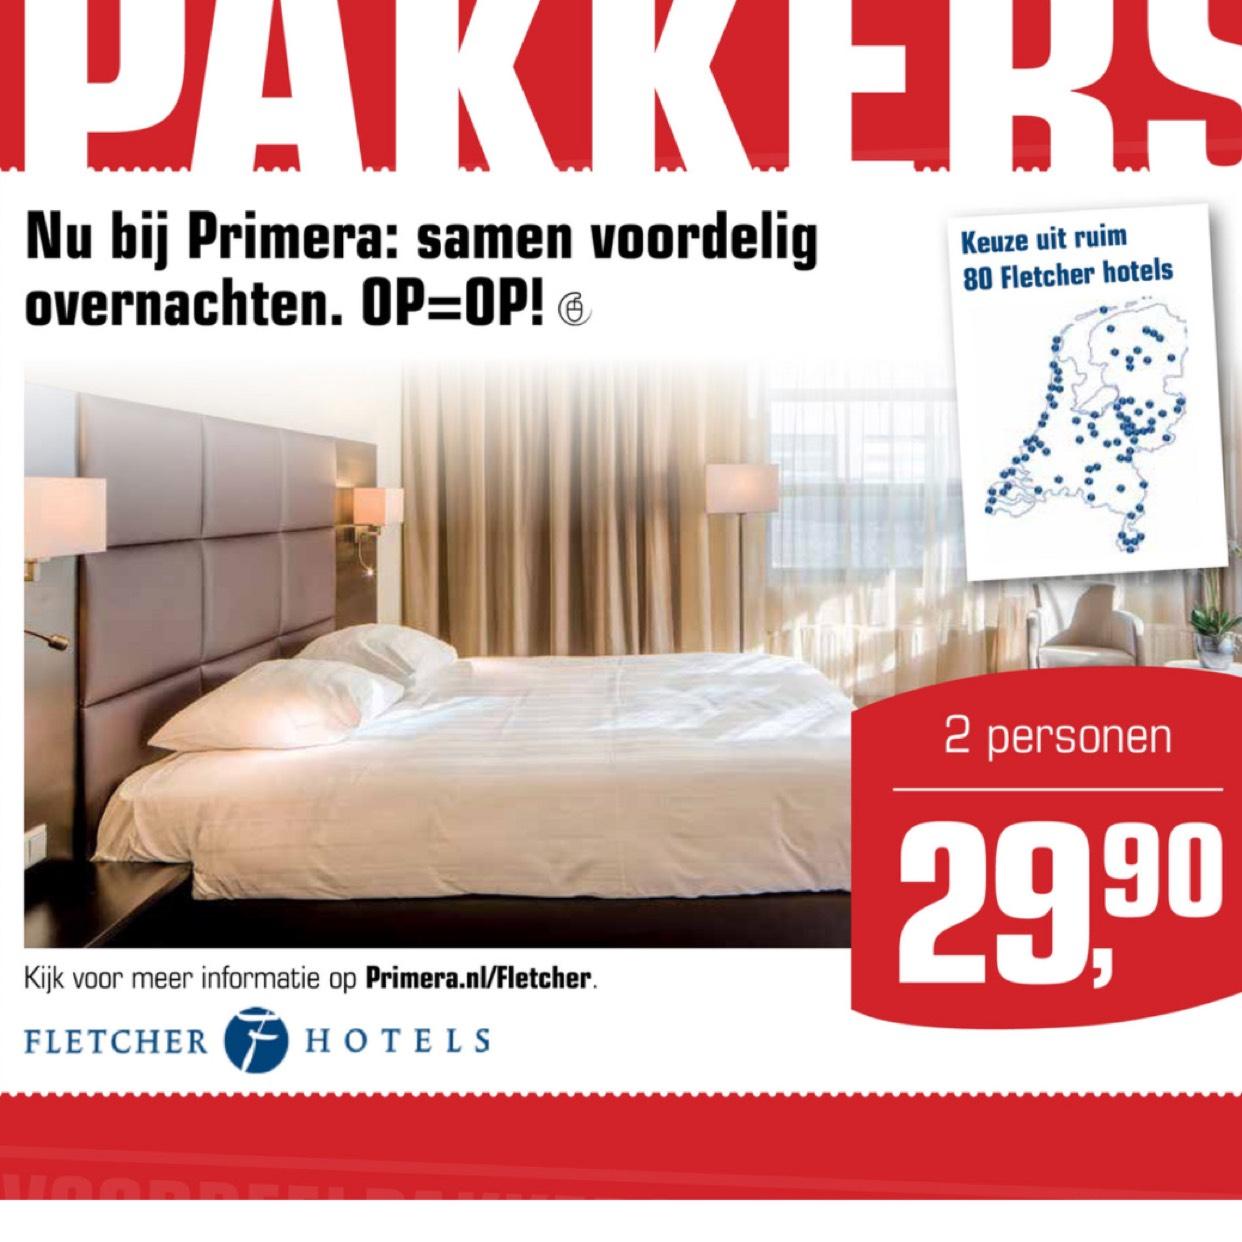 Fletcher hotelovernachting voor 2 personen @Primera